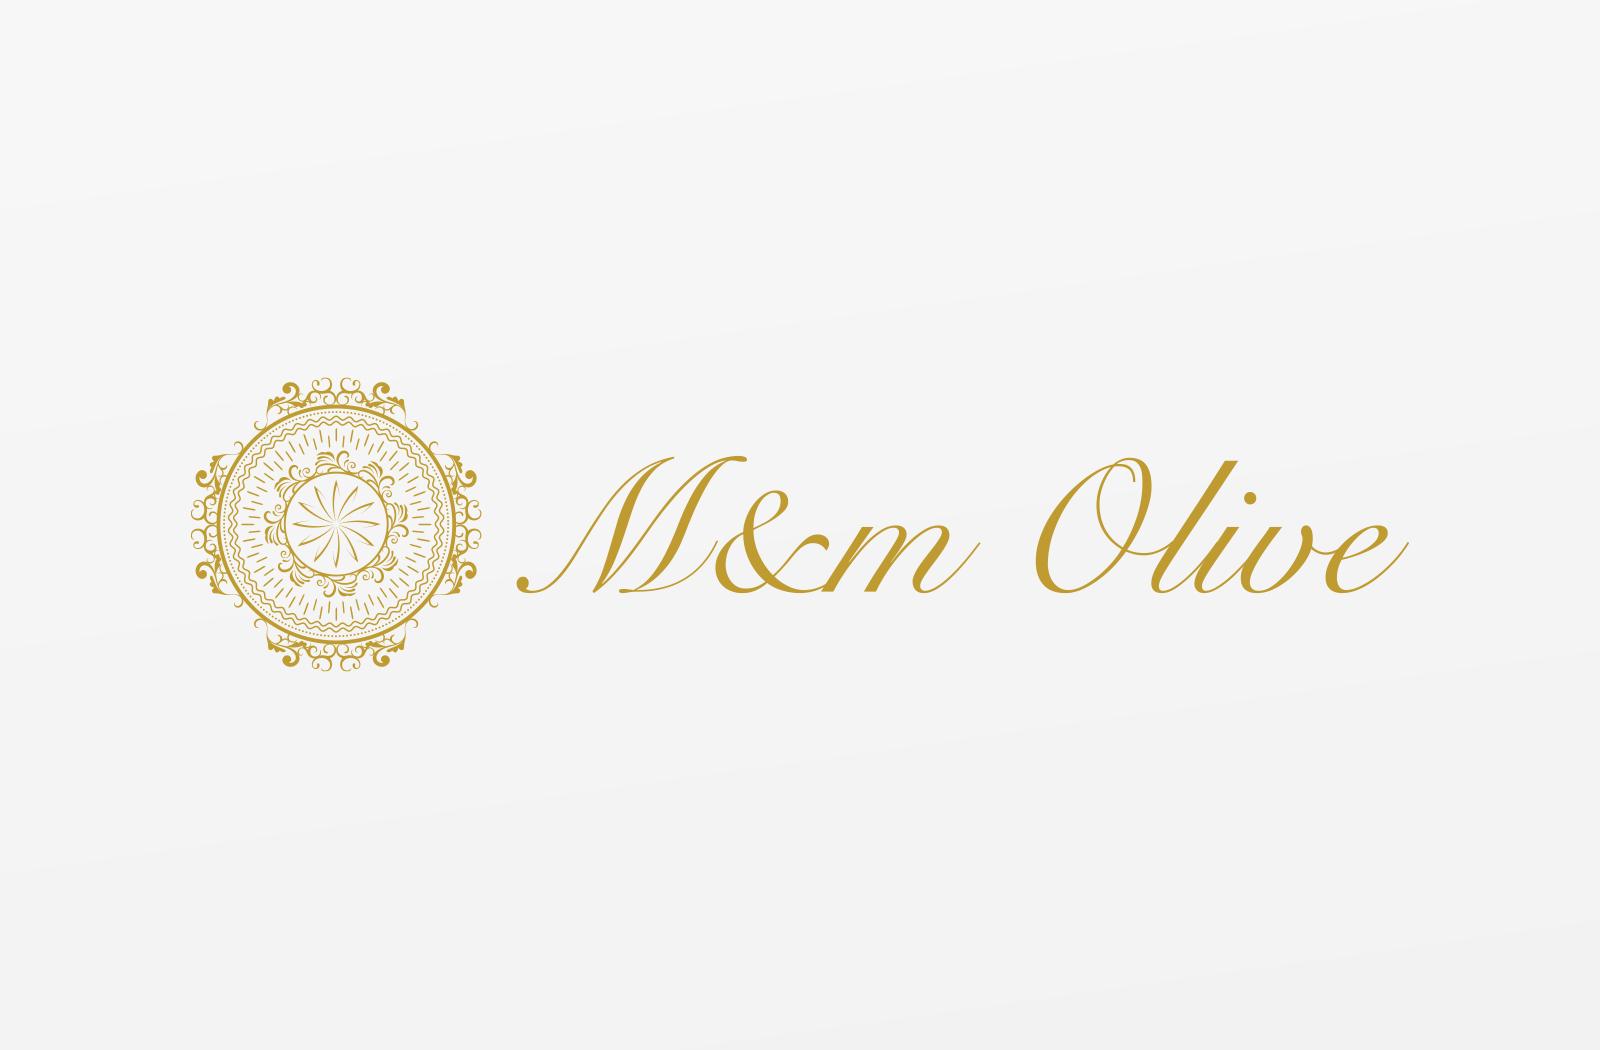 オリーブオイルの輸入や小売をされている「M&m Olive」様のロゴデザイン